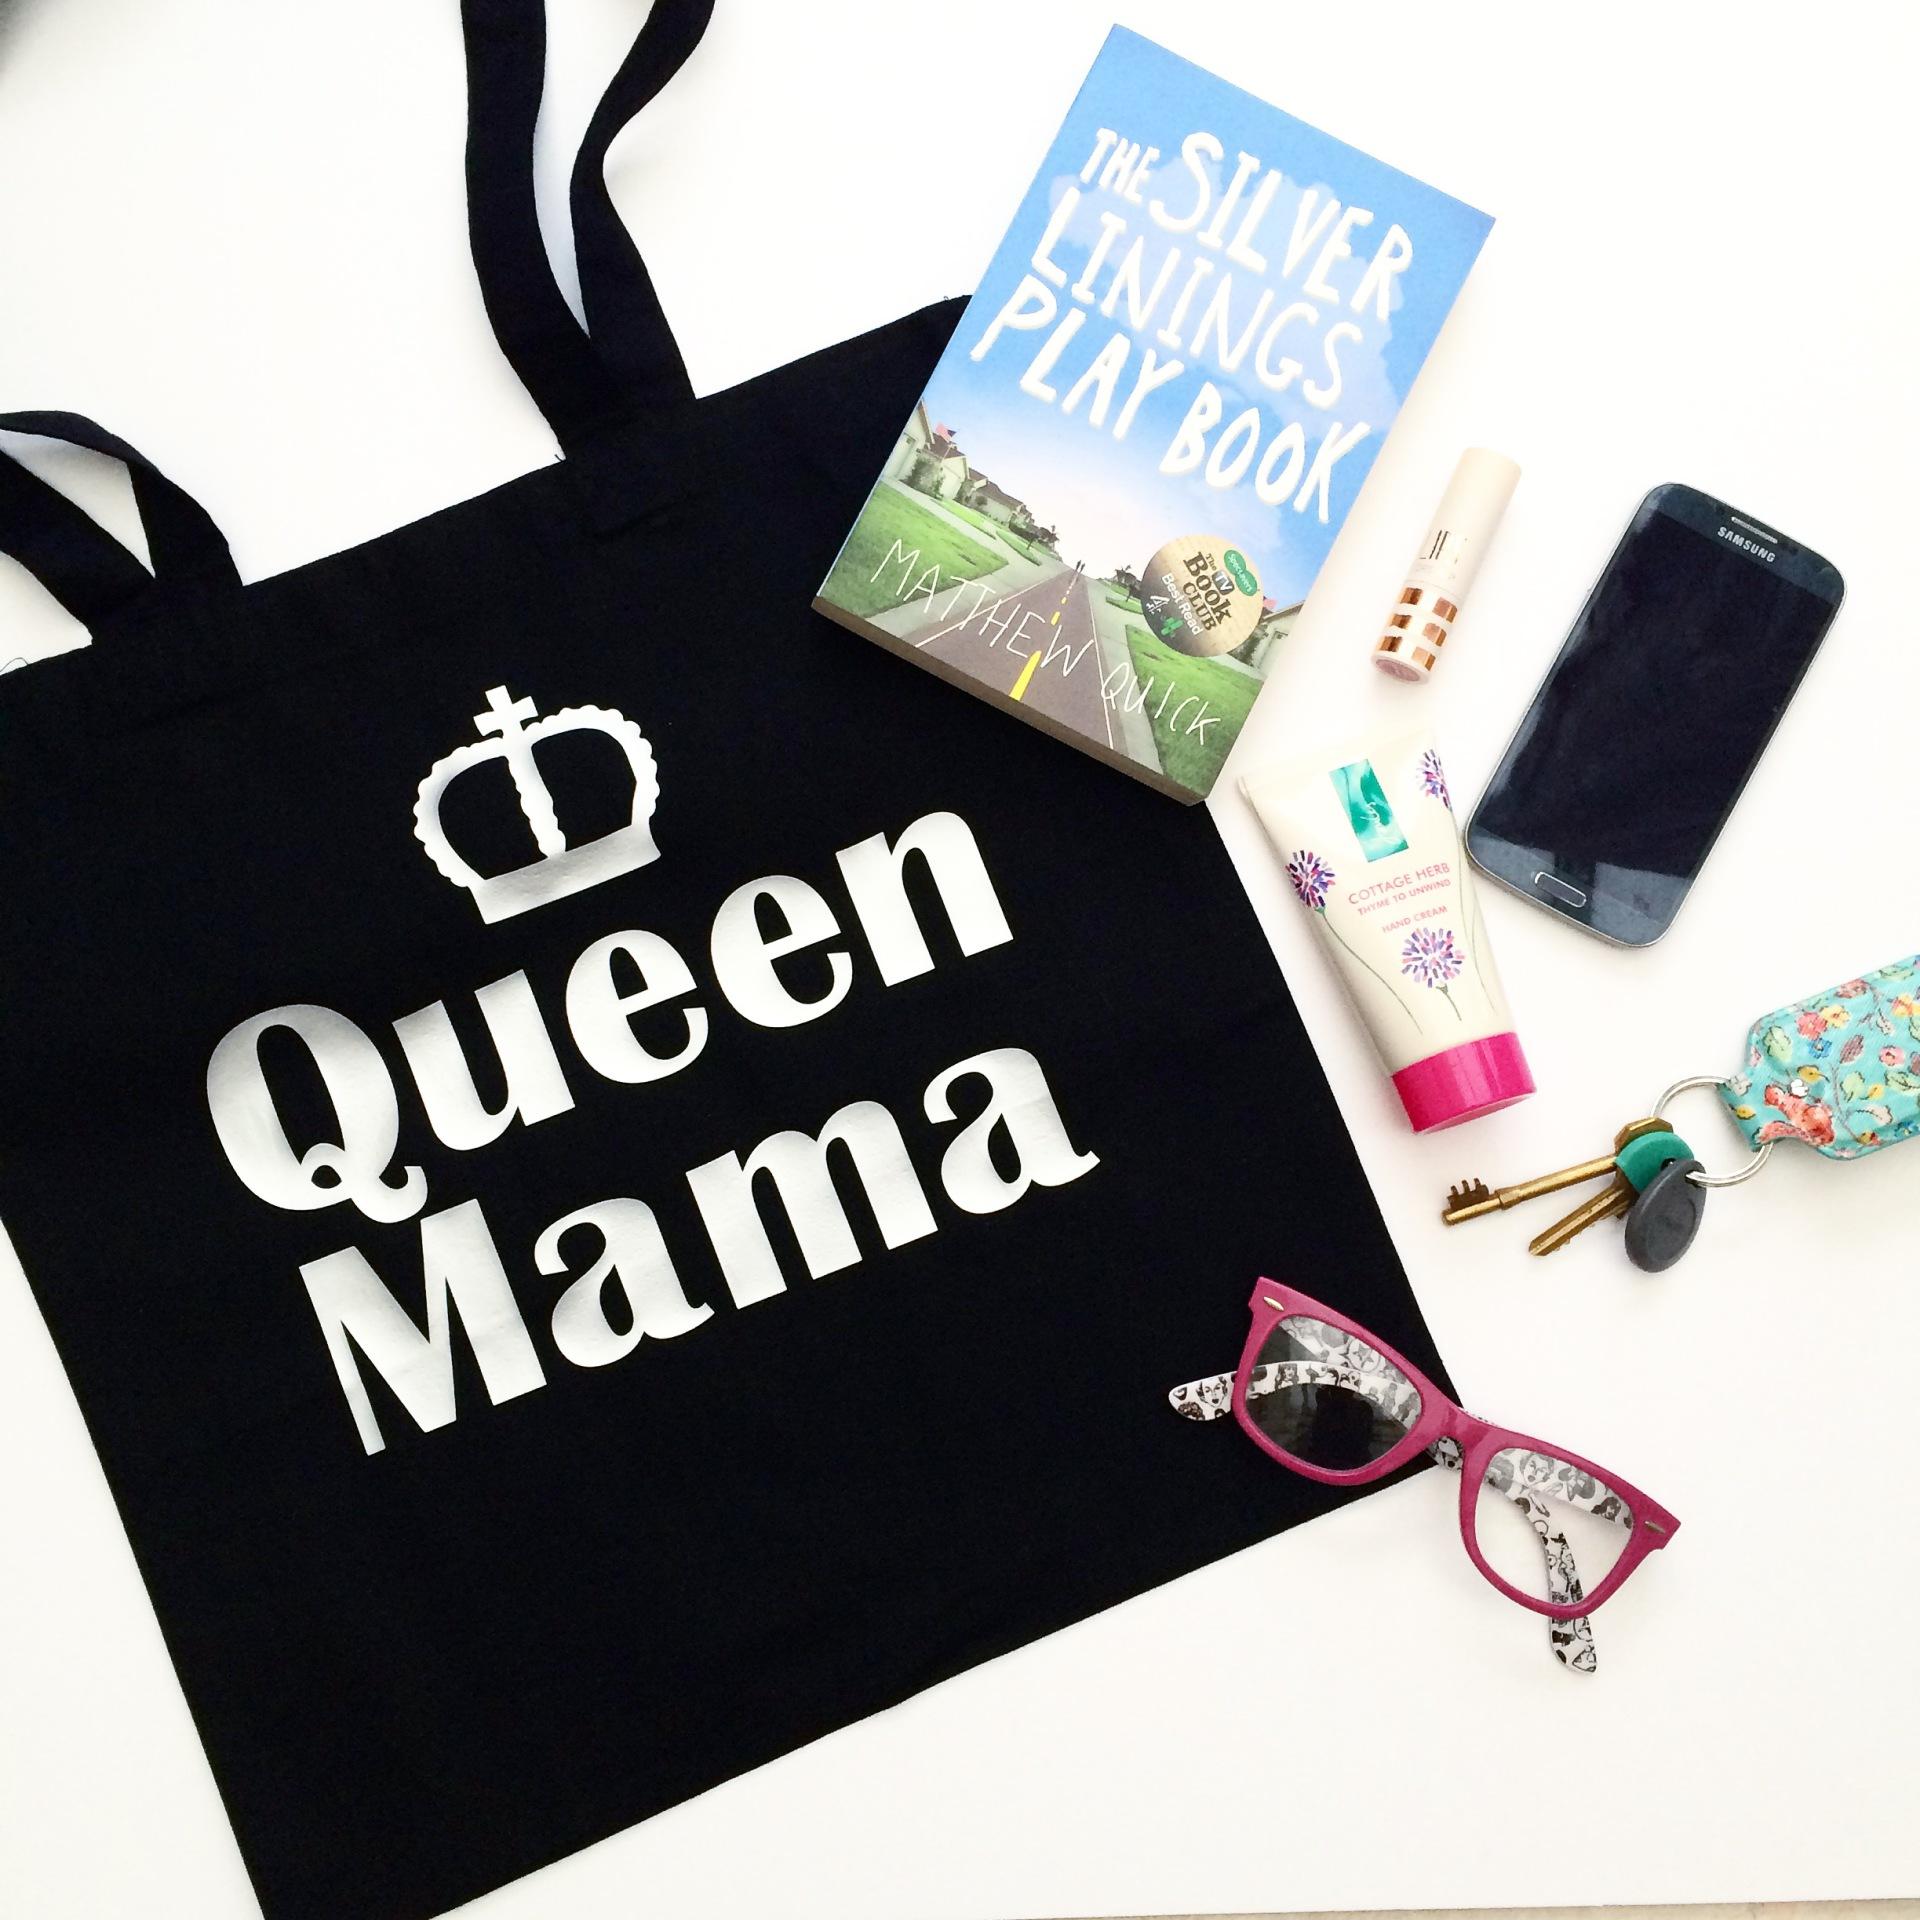 Queen Mama - £10